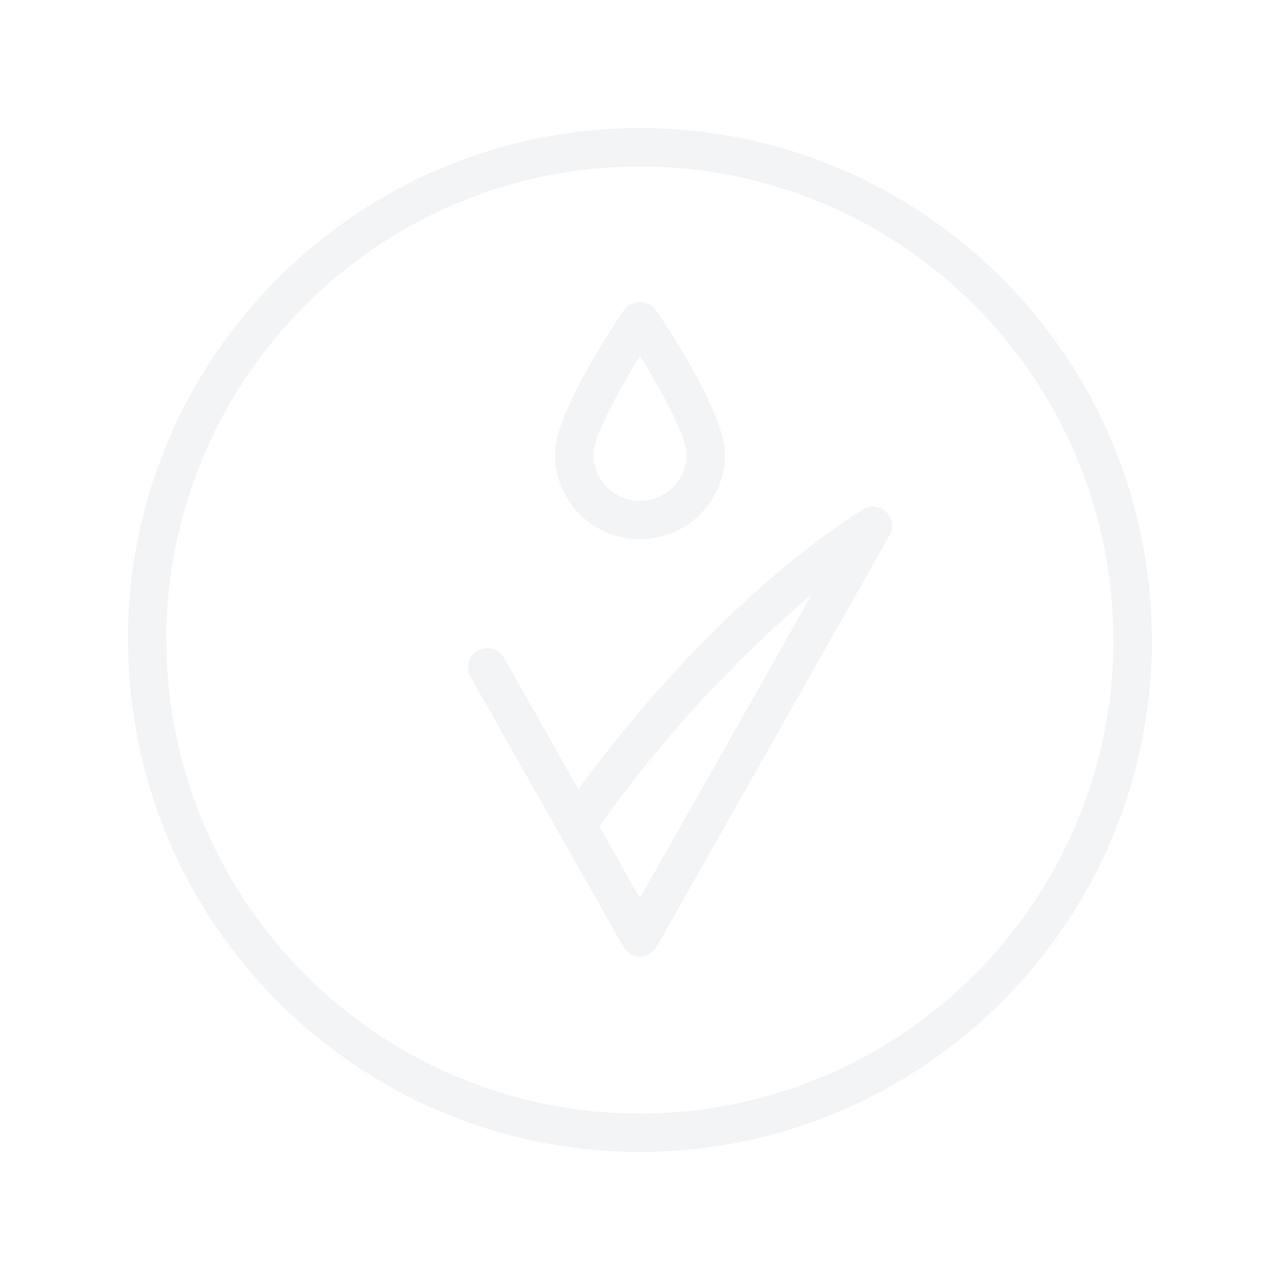 BOURJOIS 123 Perfect CC Cream SPF15 30ml